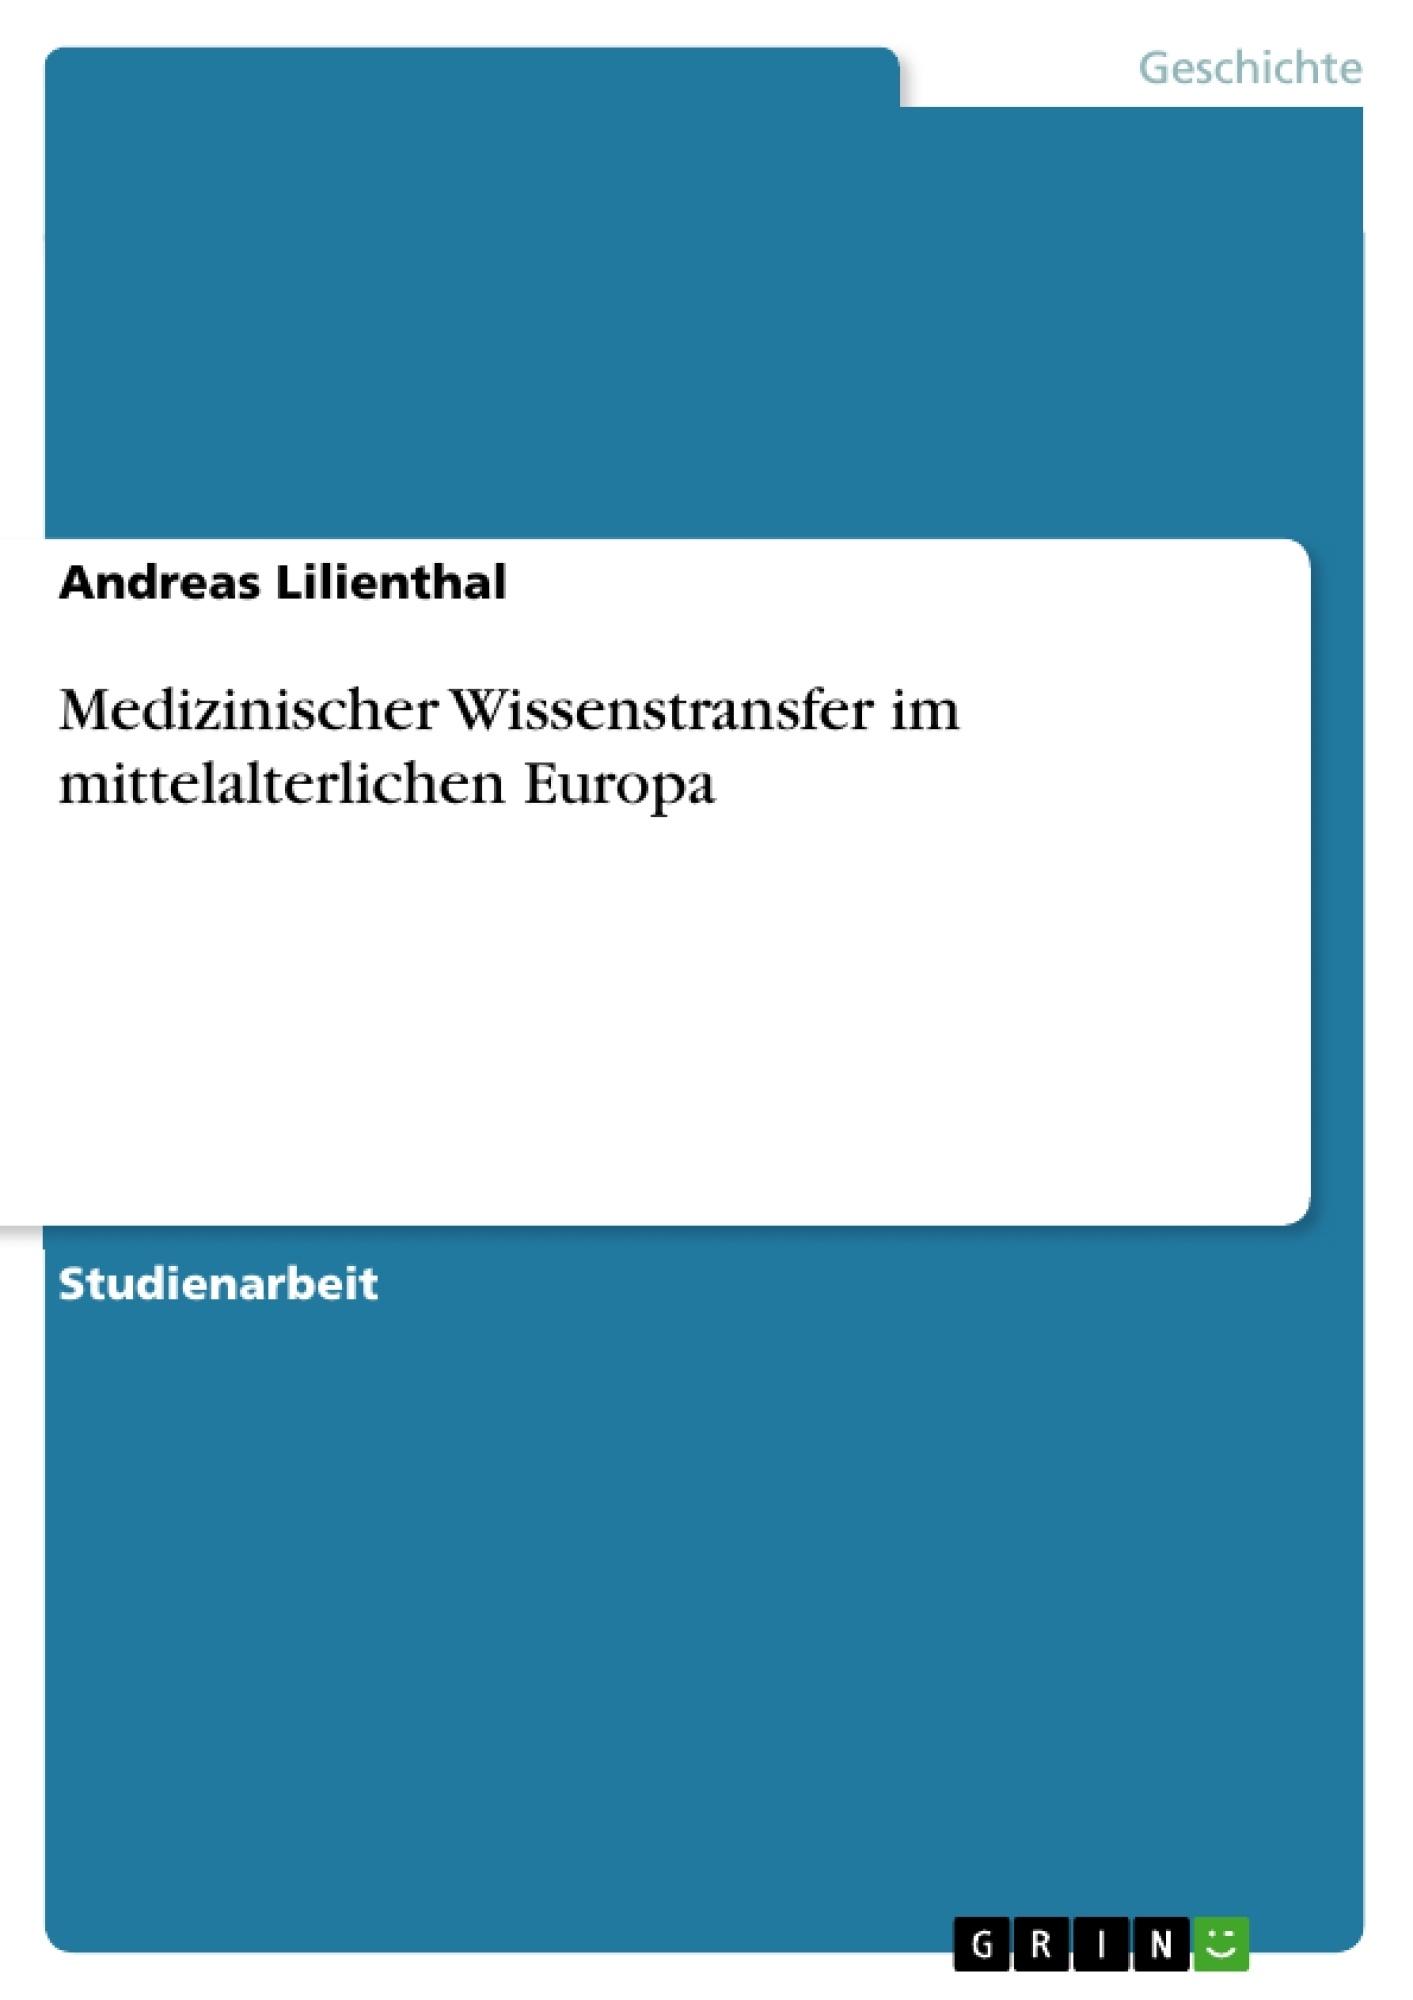 Titel: Medizinischer Wissenstransfer im mittelalterlichen Europa